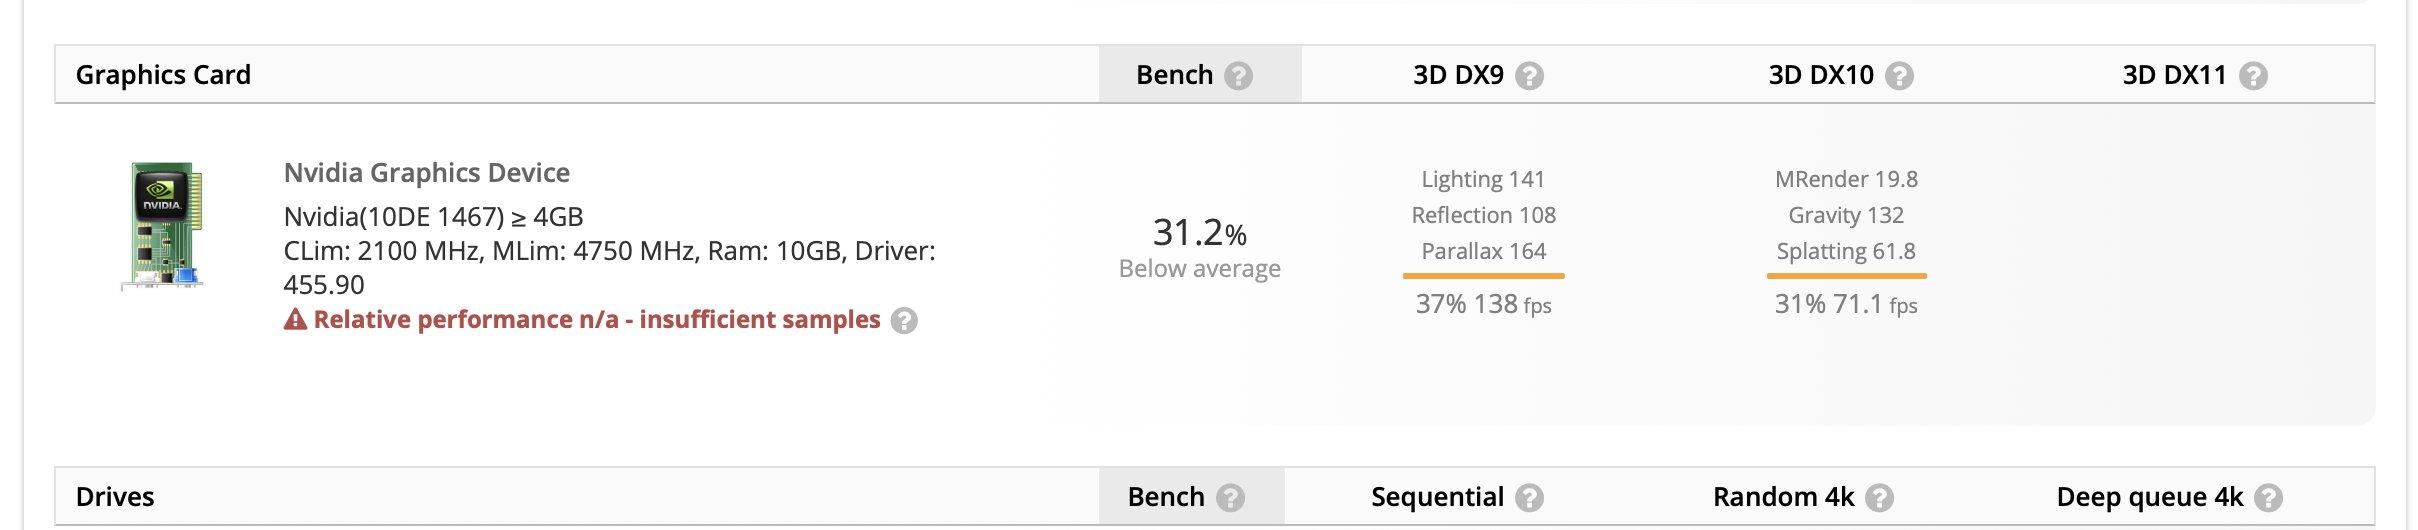 karta grafiki Nvidia GeForce RTX 3080 specyfikacja dane techniczne plotki przecieki wycieki